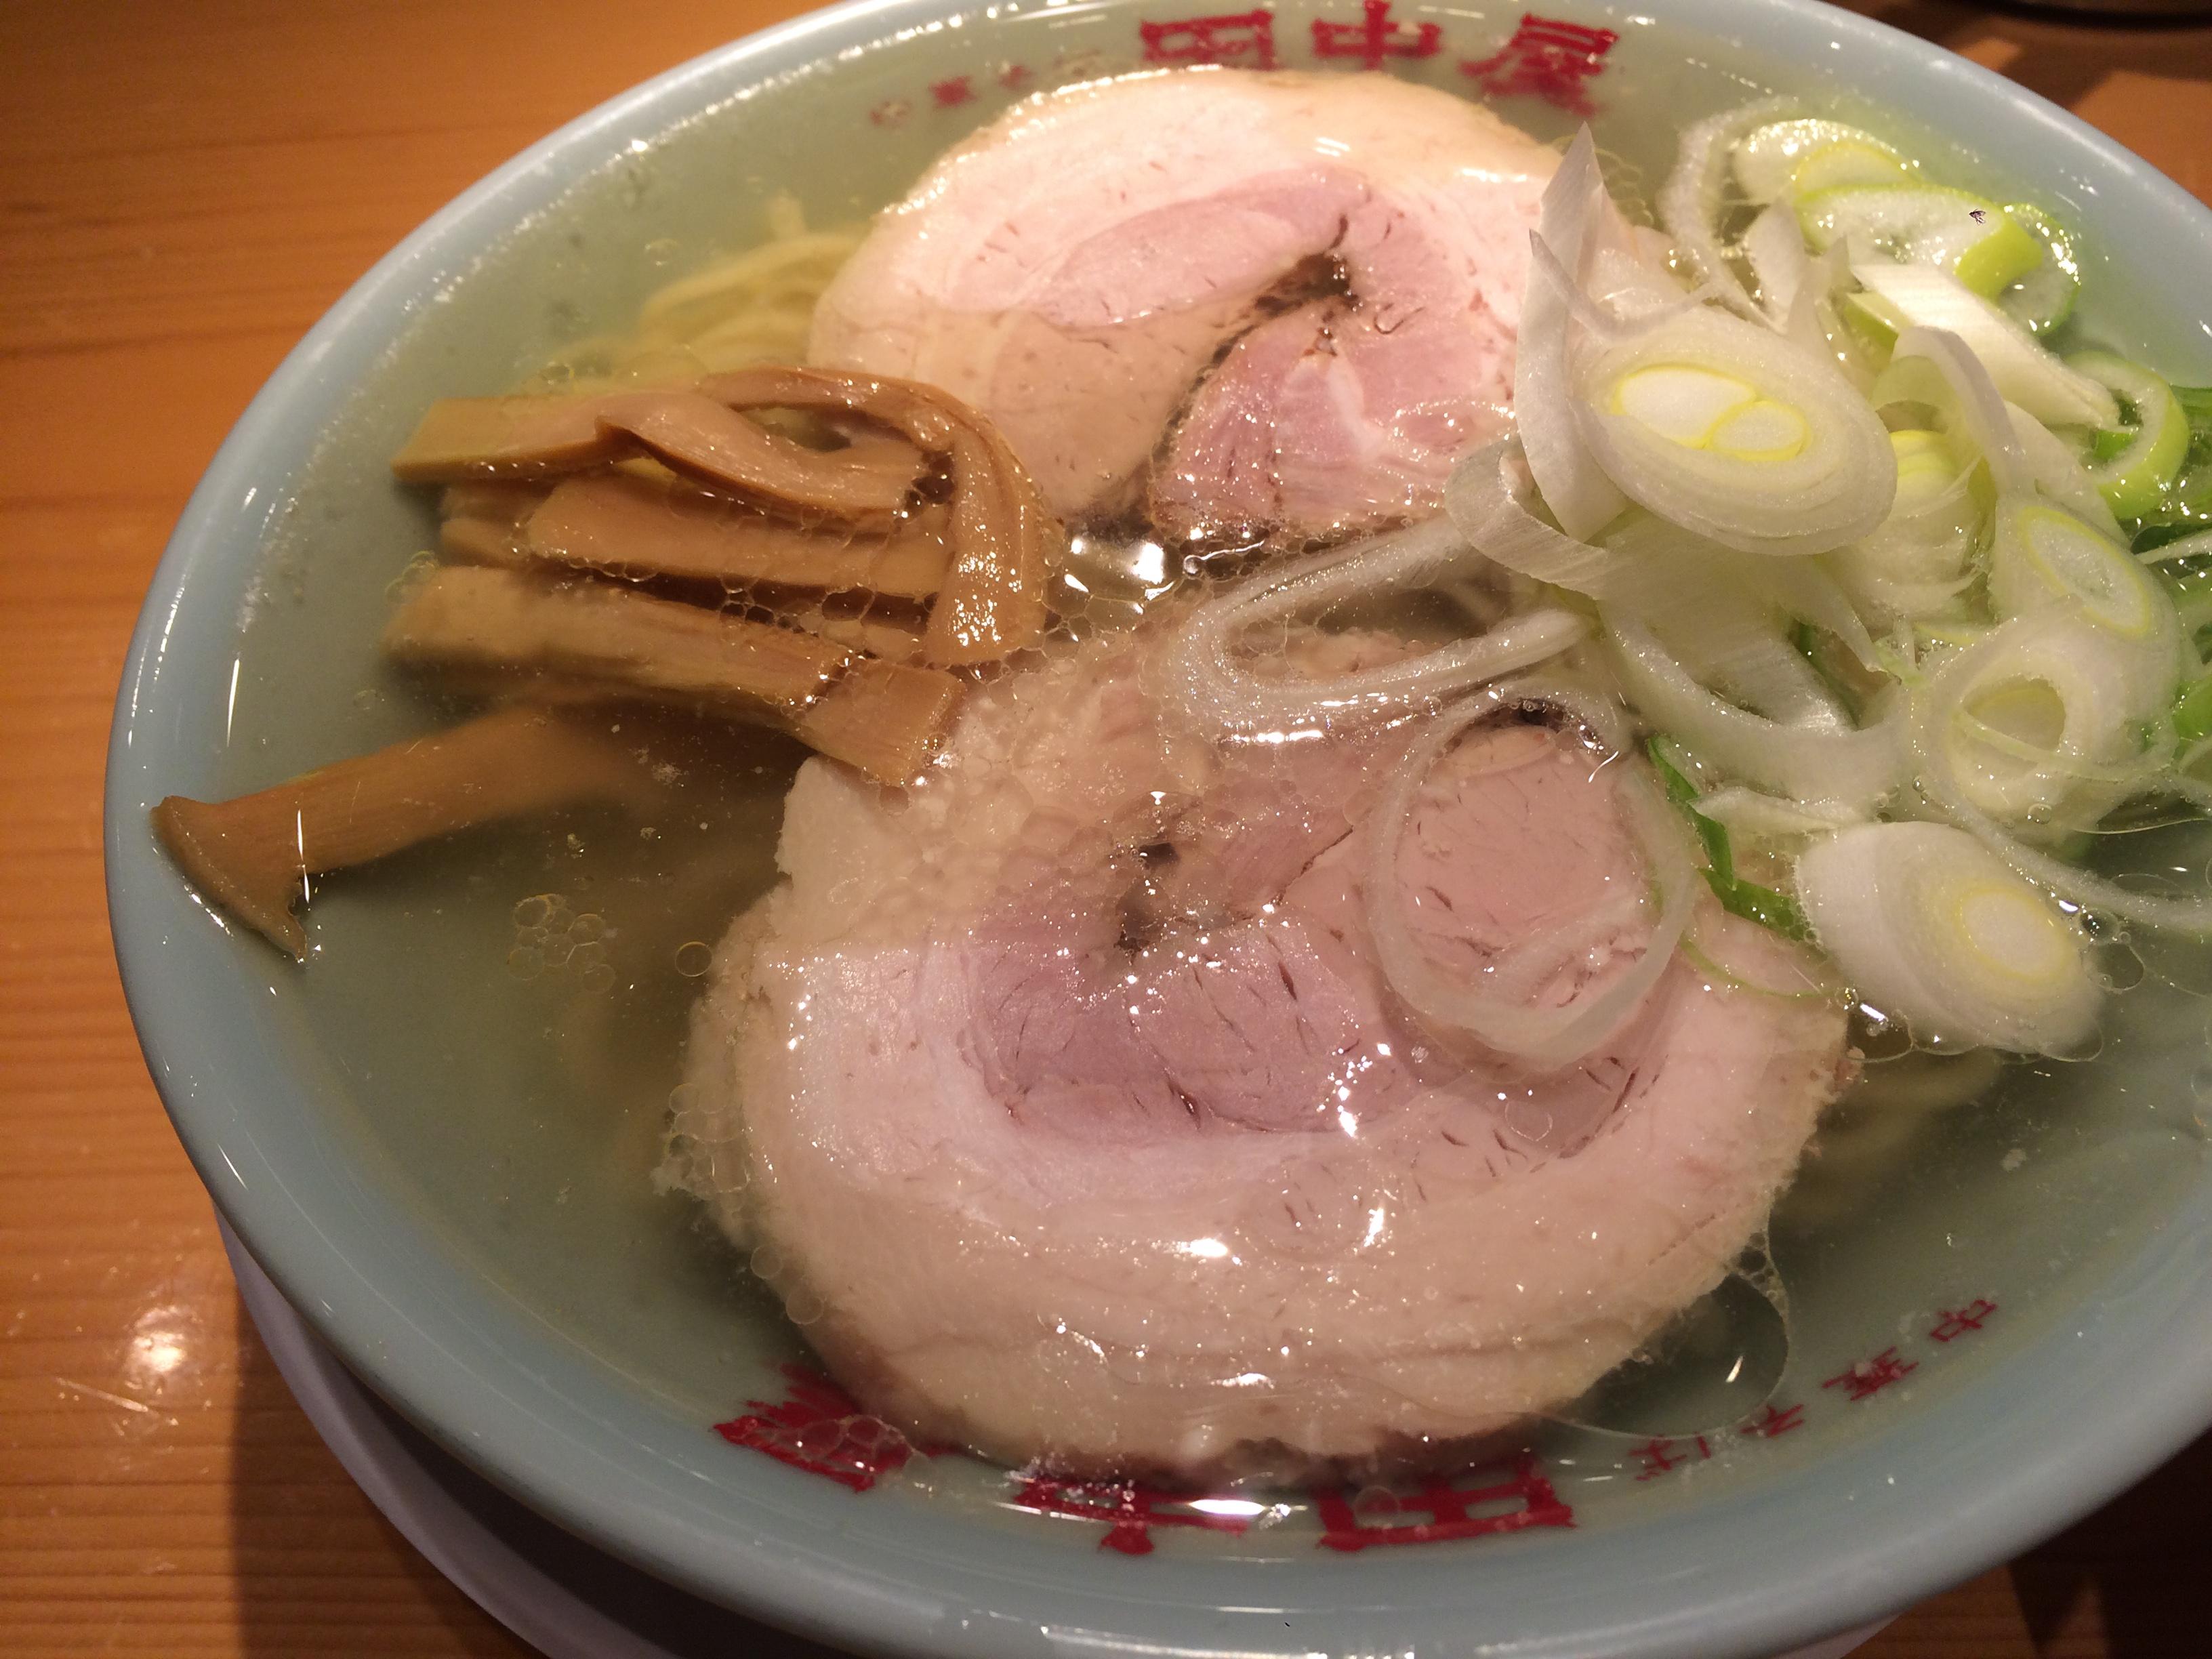 【閉店】田中屋 神楽坂店|もちもち麺が美味しい!絶品塩ラーメン